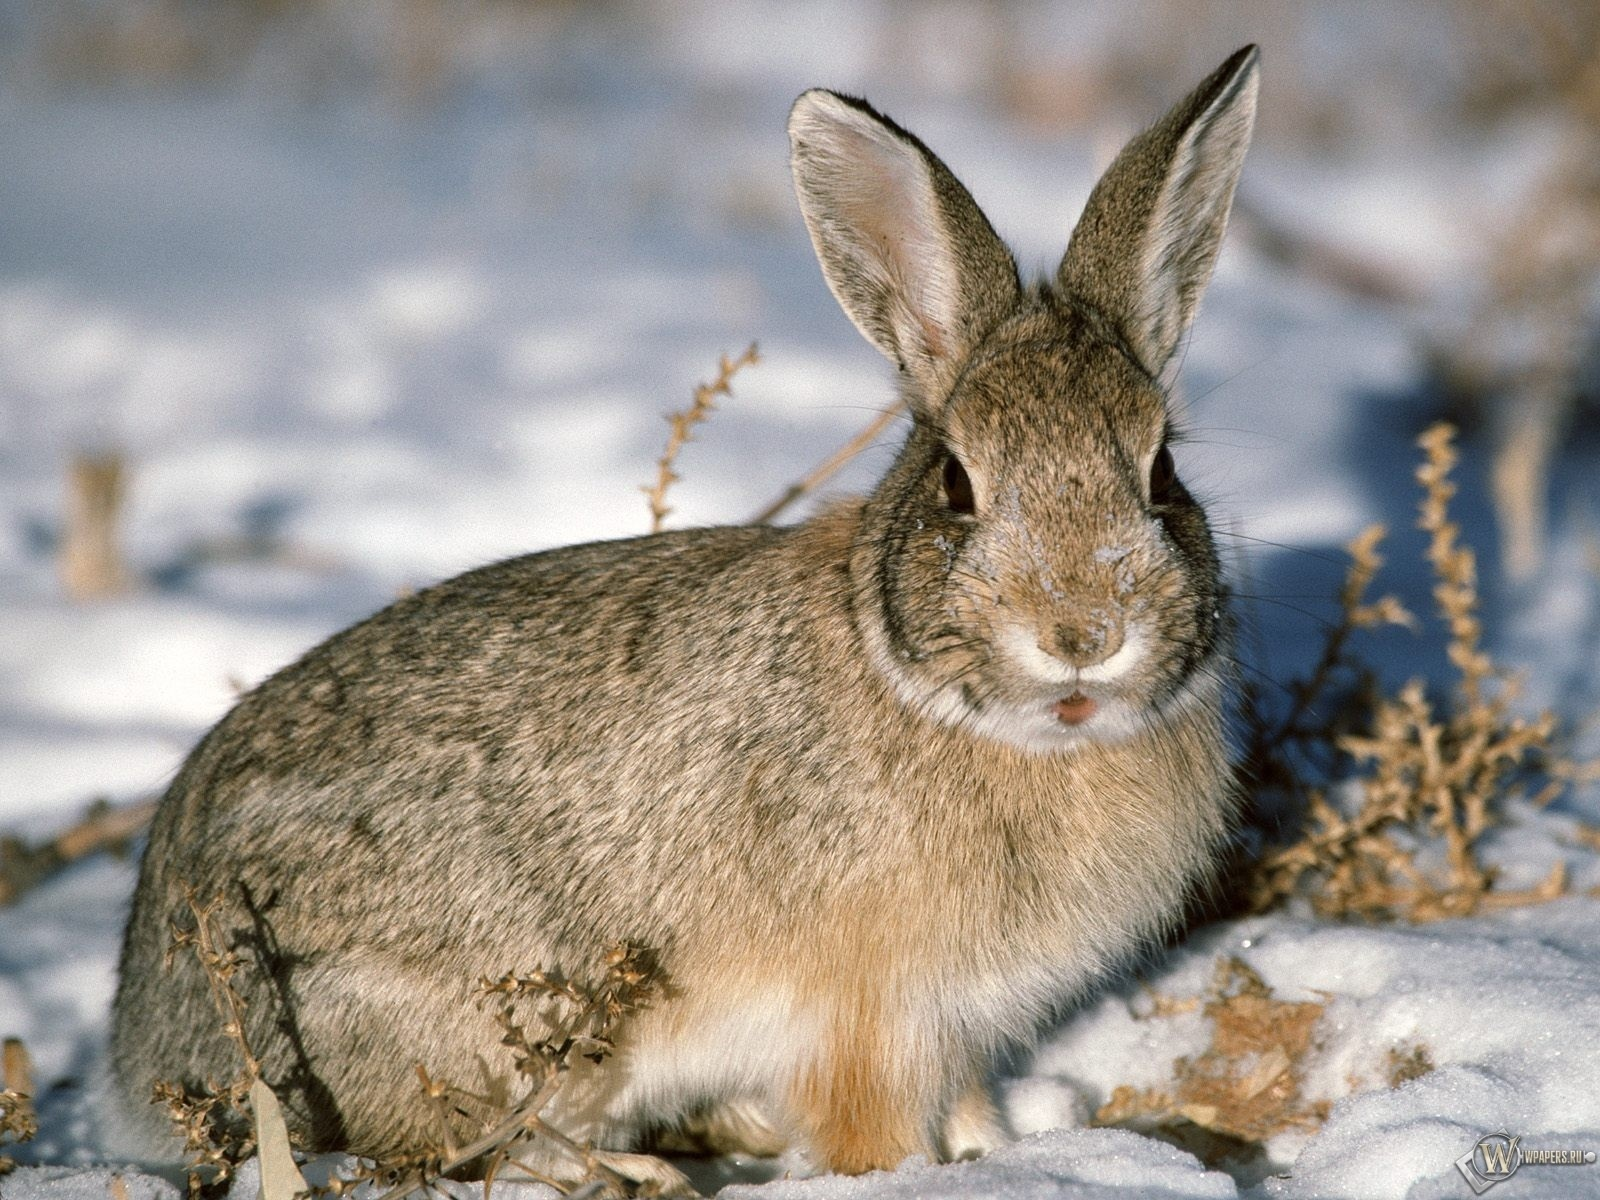 Заяц-русак на снегу 1600x1200